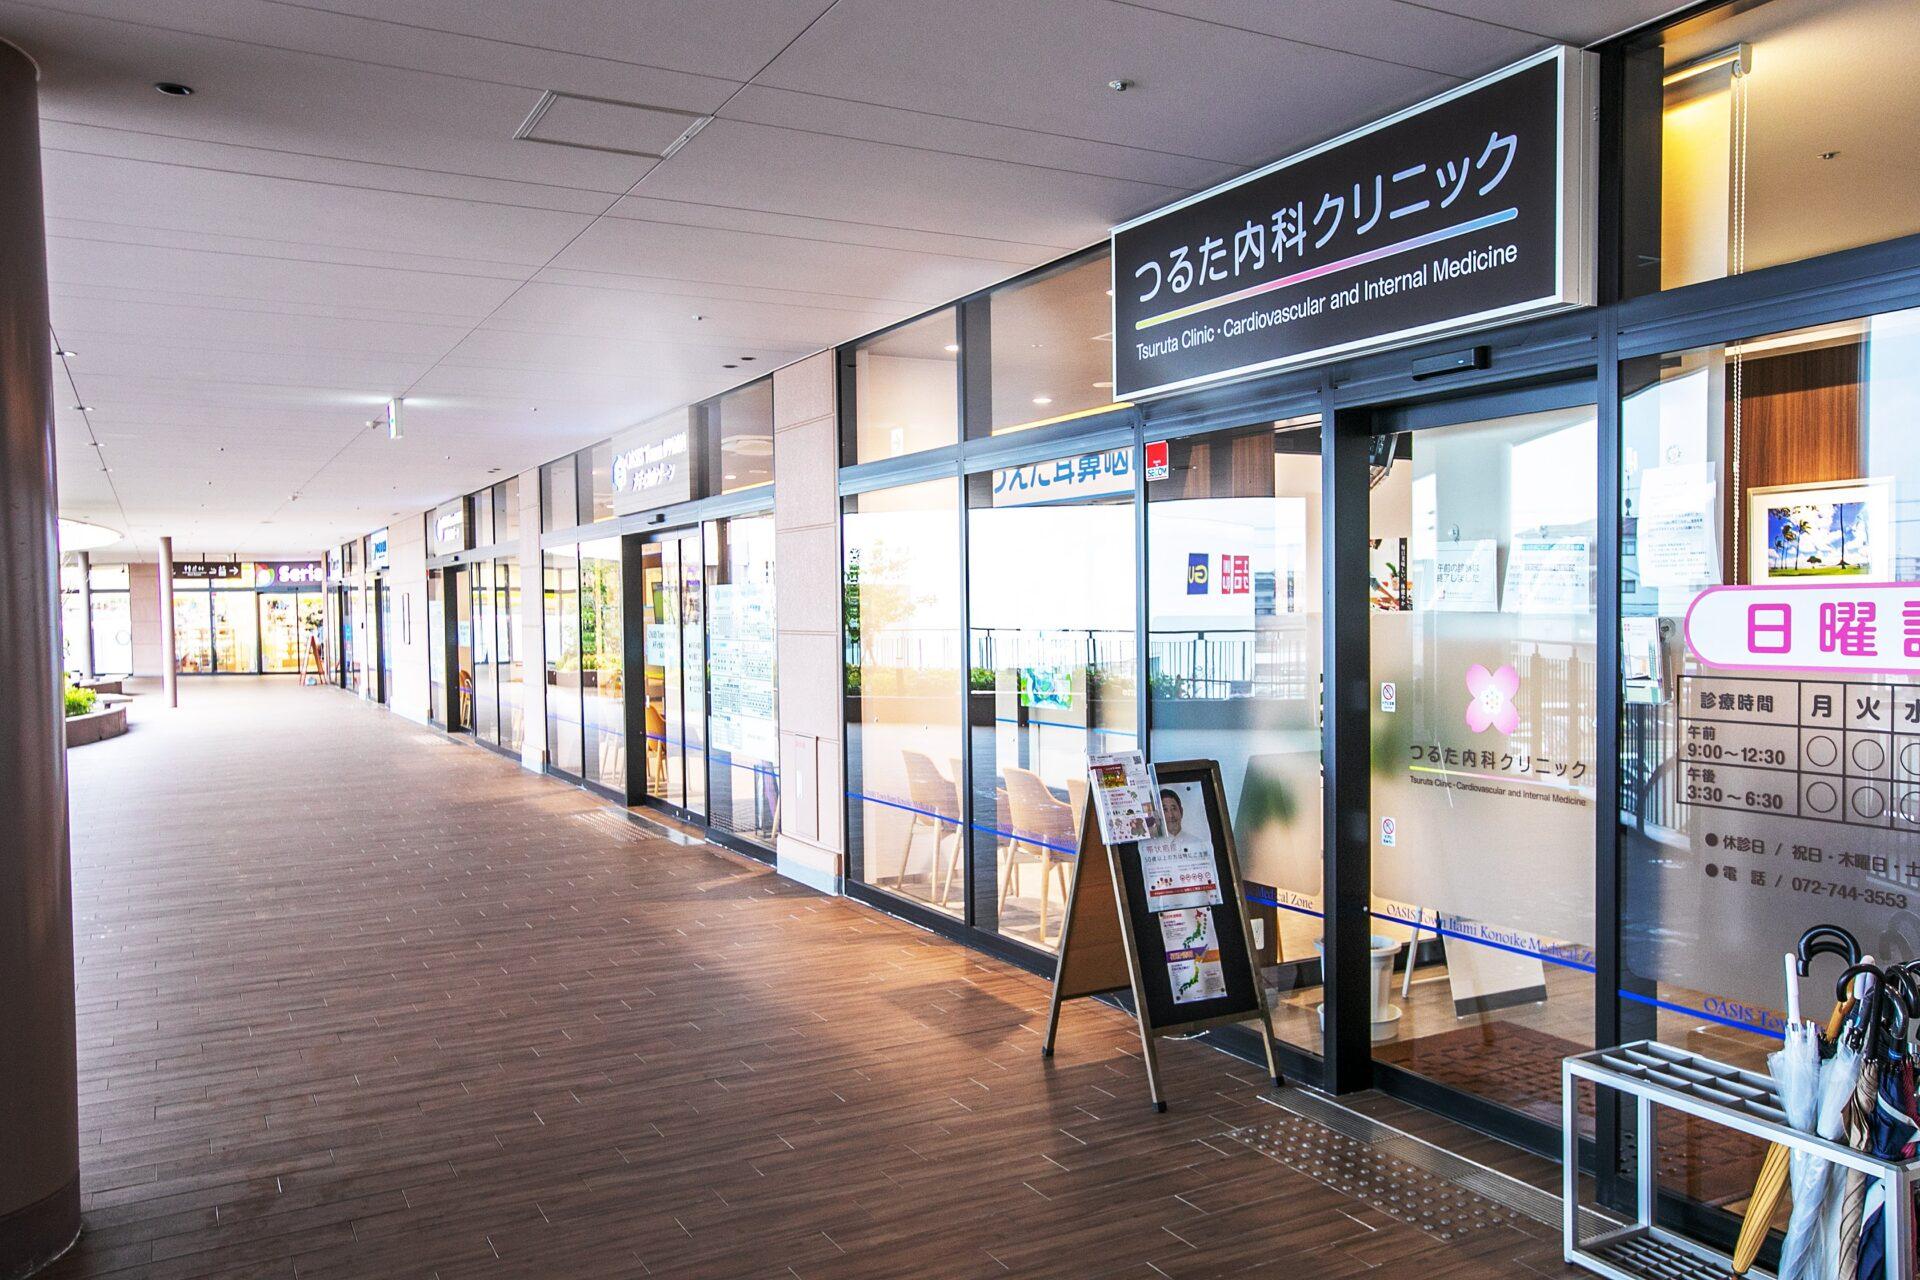 兵庫県伊丹市商業施設内歯科開業物件